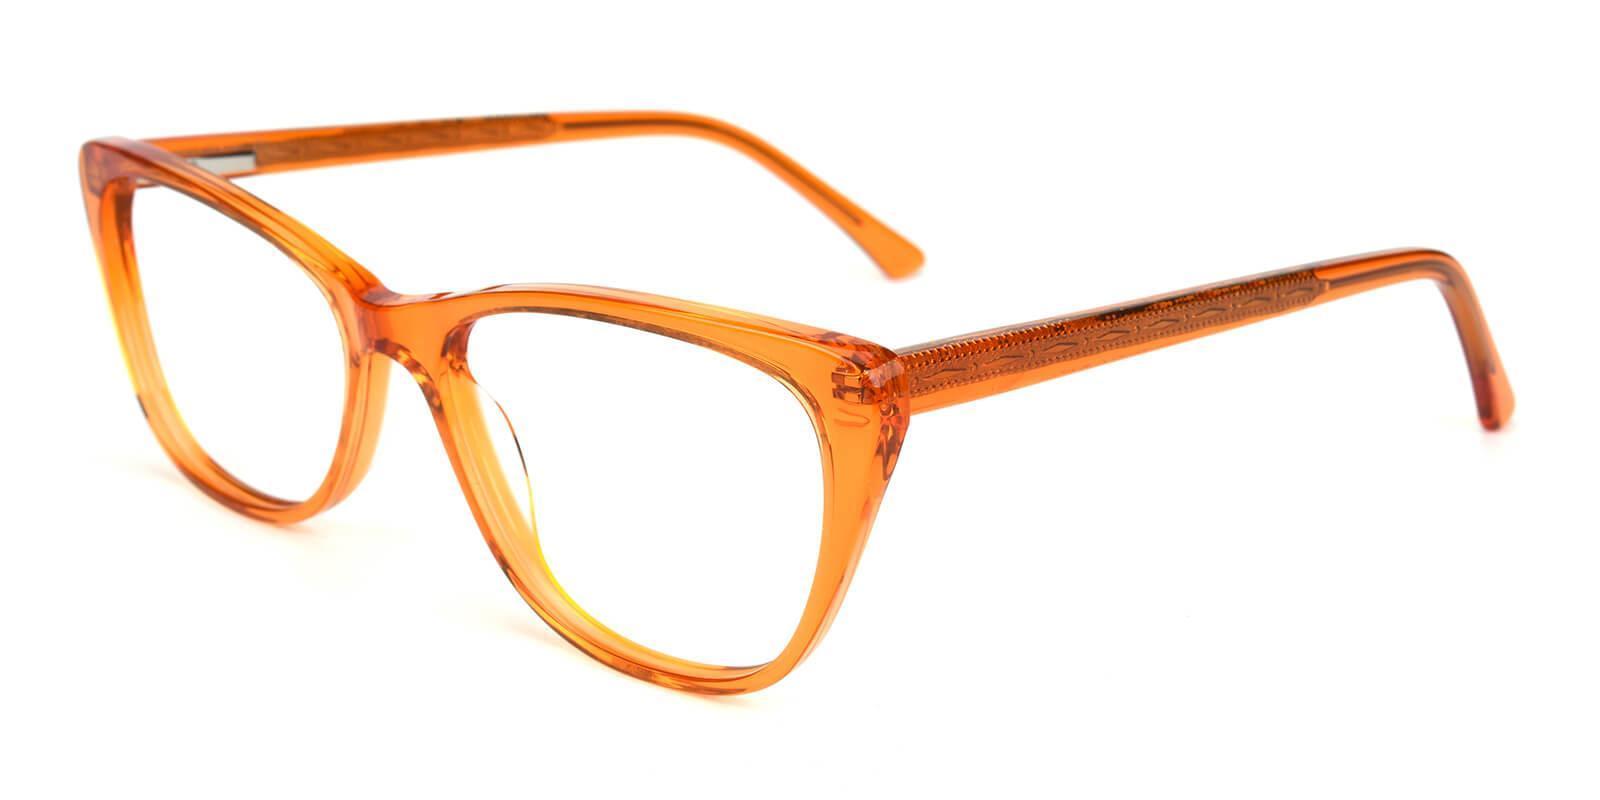 Yuke Orange Acetate Eyeglasses , SpringHinges , UniversalBridgeFit Frames from ABBE Glasses